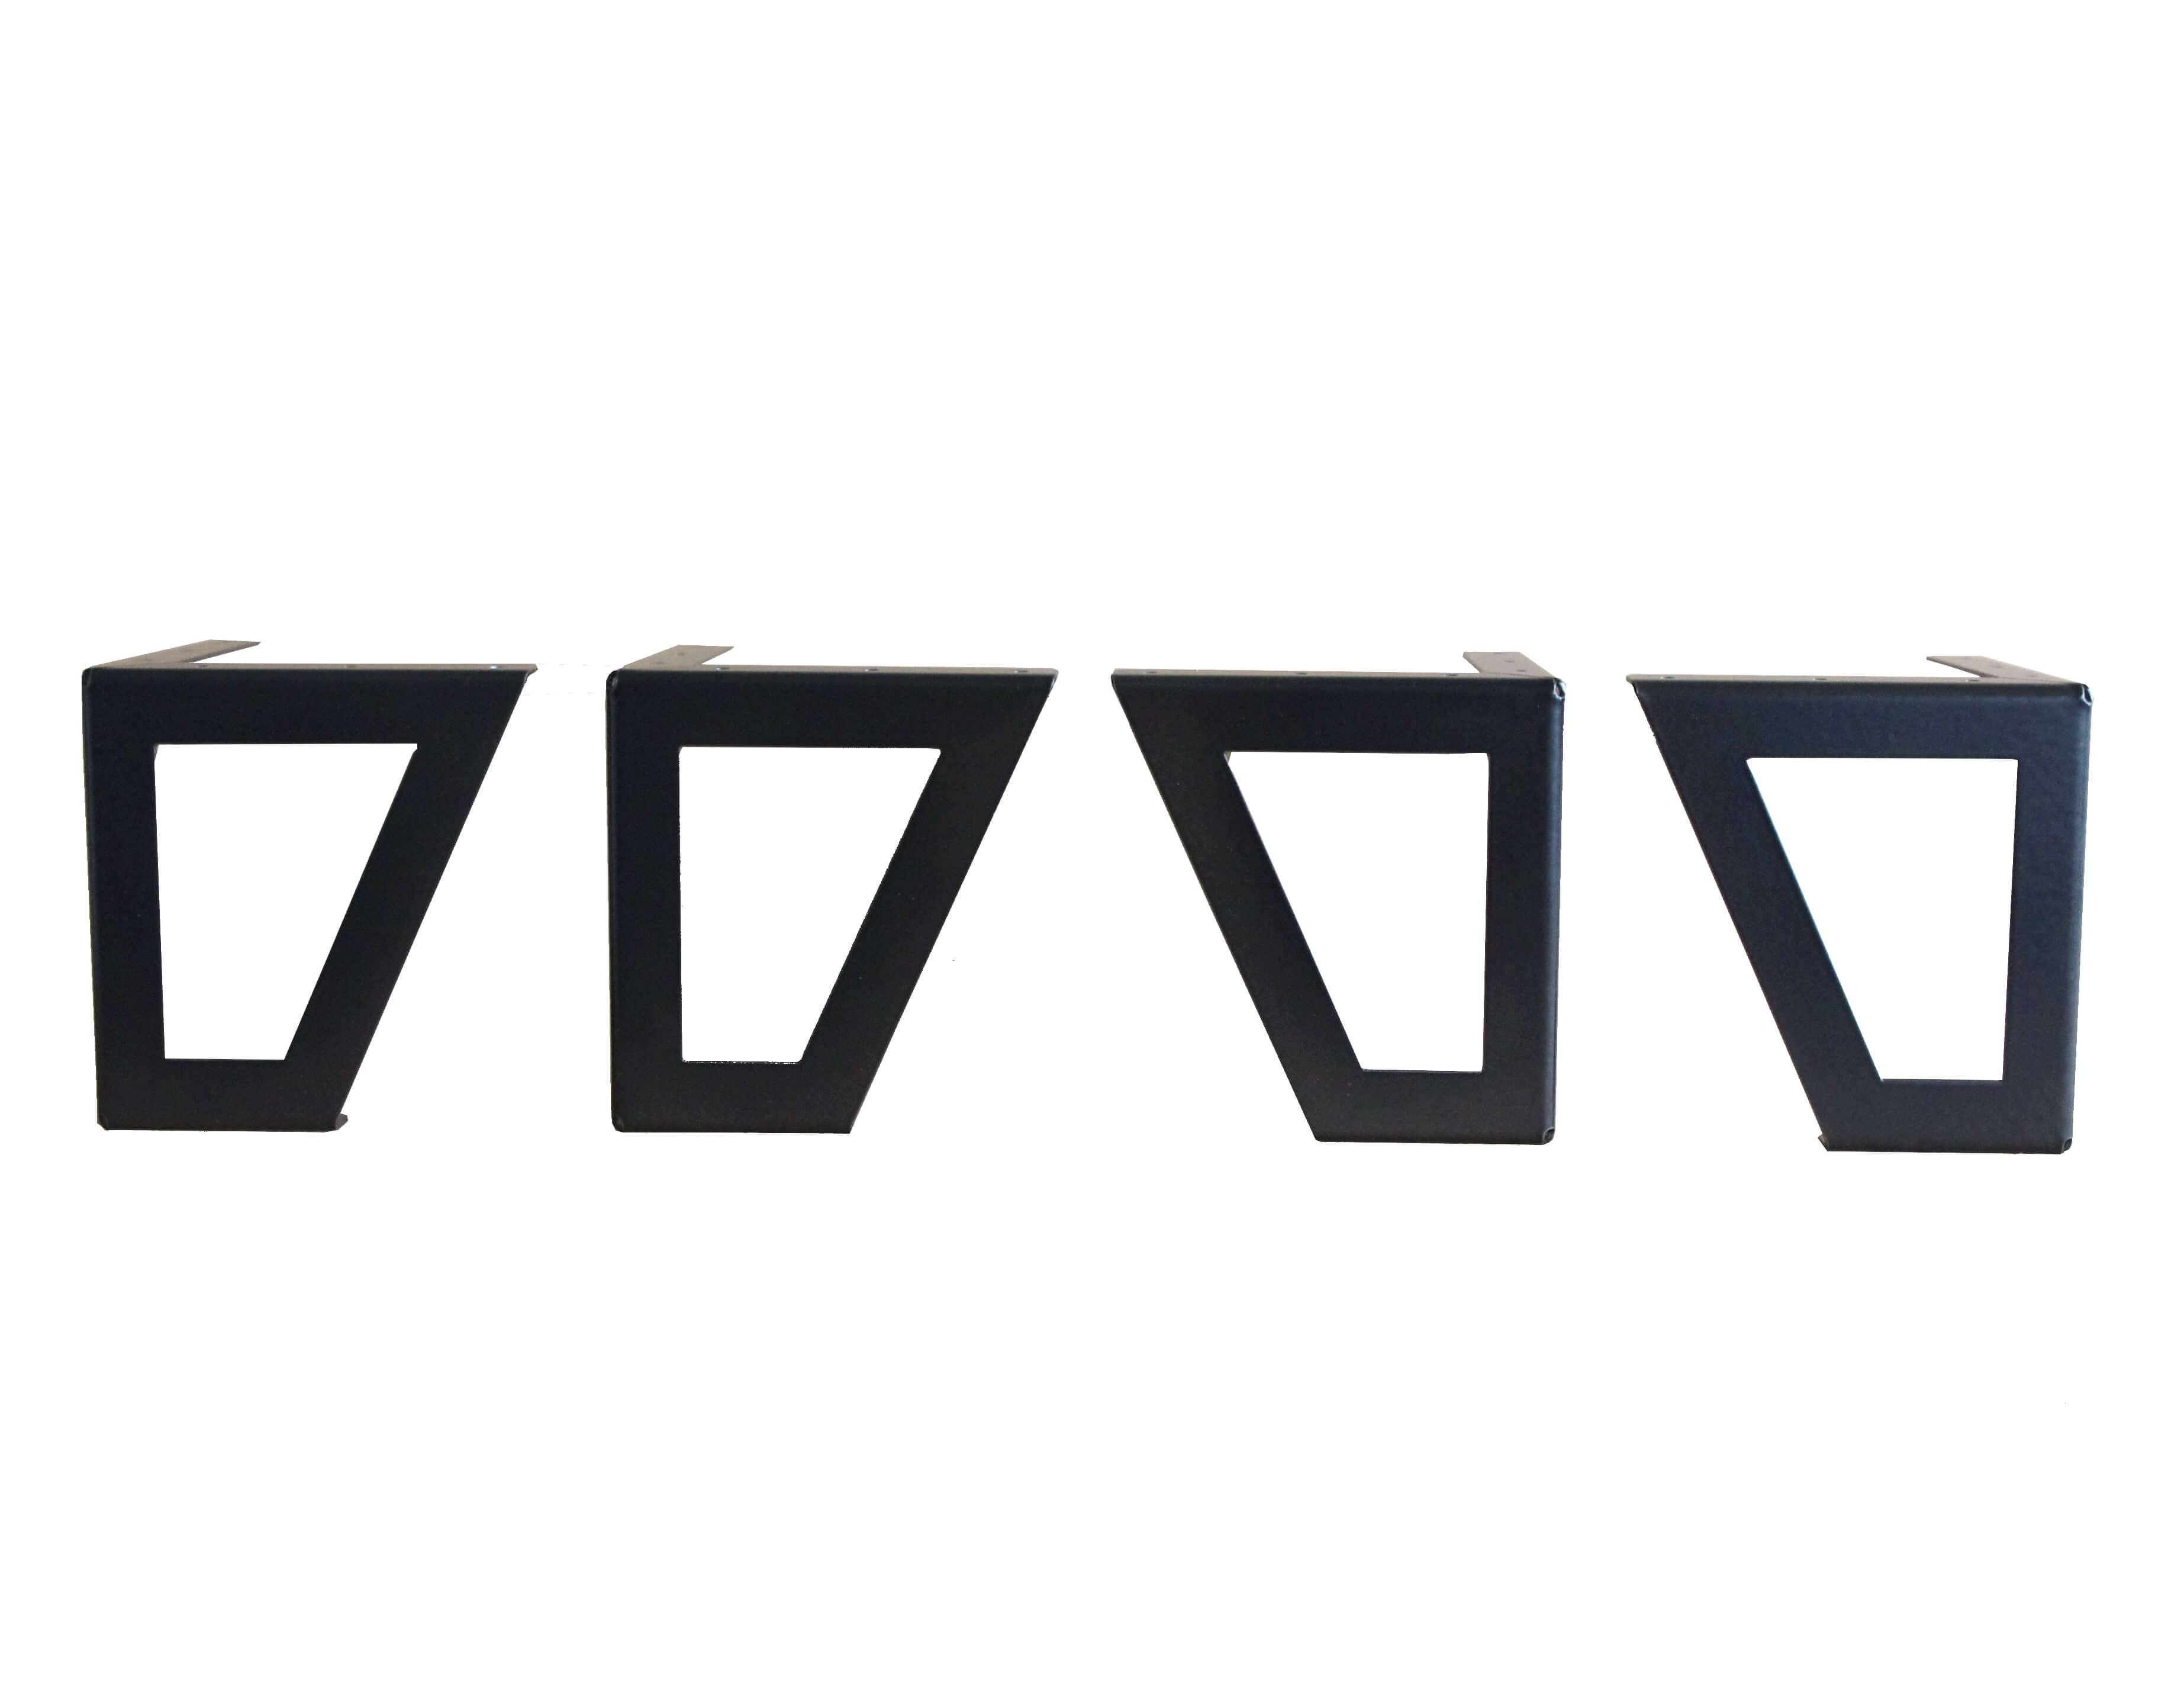 Pied De Meuble Design Ajour Pour Cr Er Votre Mobilier  # Meuble Acier Noir